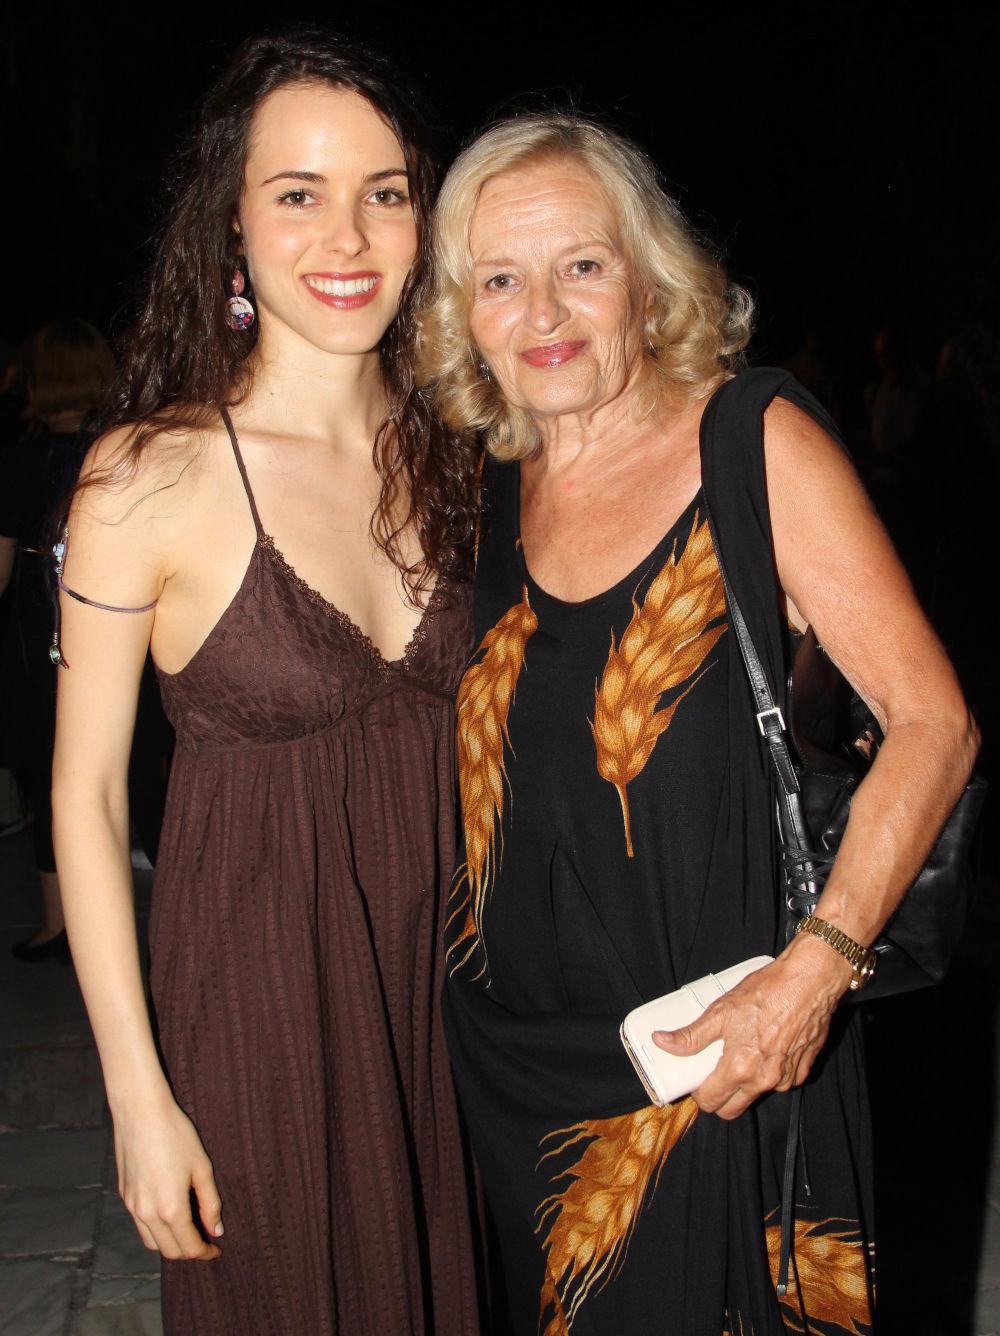 Η Μαριαλένα Ροζάκη με την μητέρα της Ιλιάς Λαμπρίδου σε παλιότερη δημόσια εμφάνισή τους